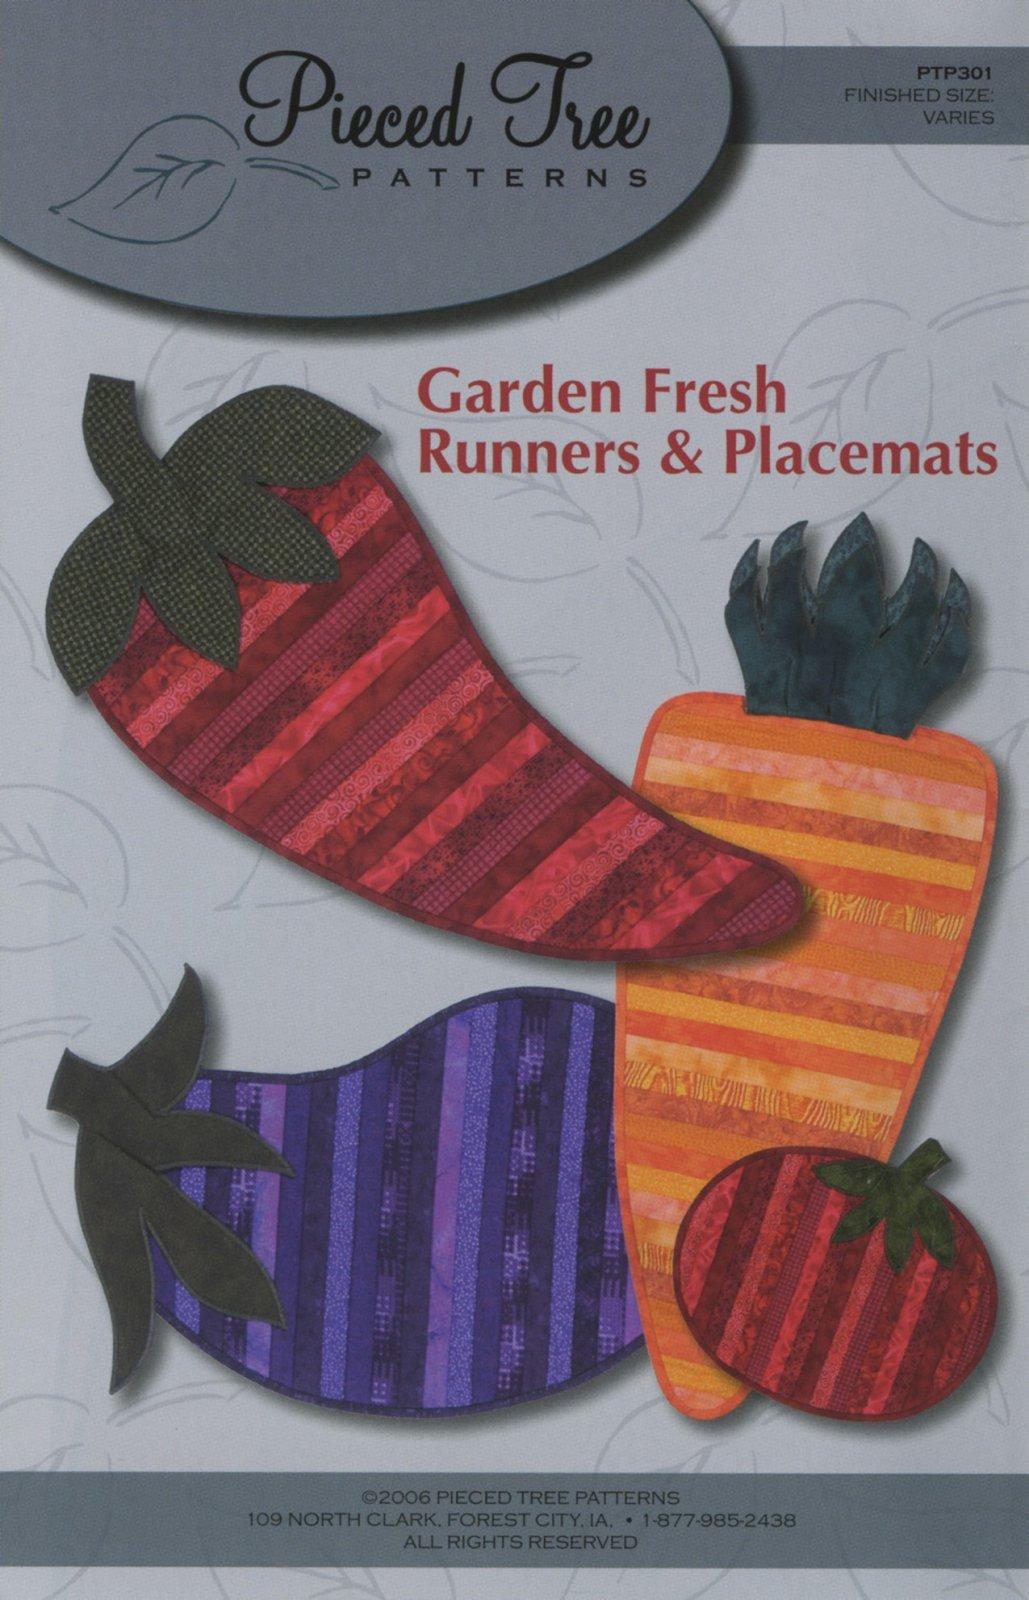 Garden Fresh Runners & Placemats